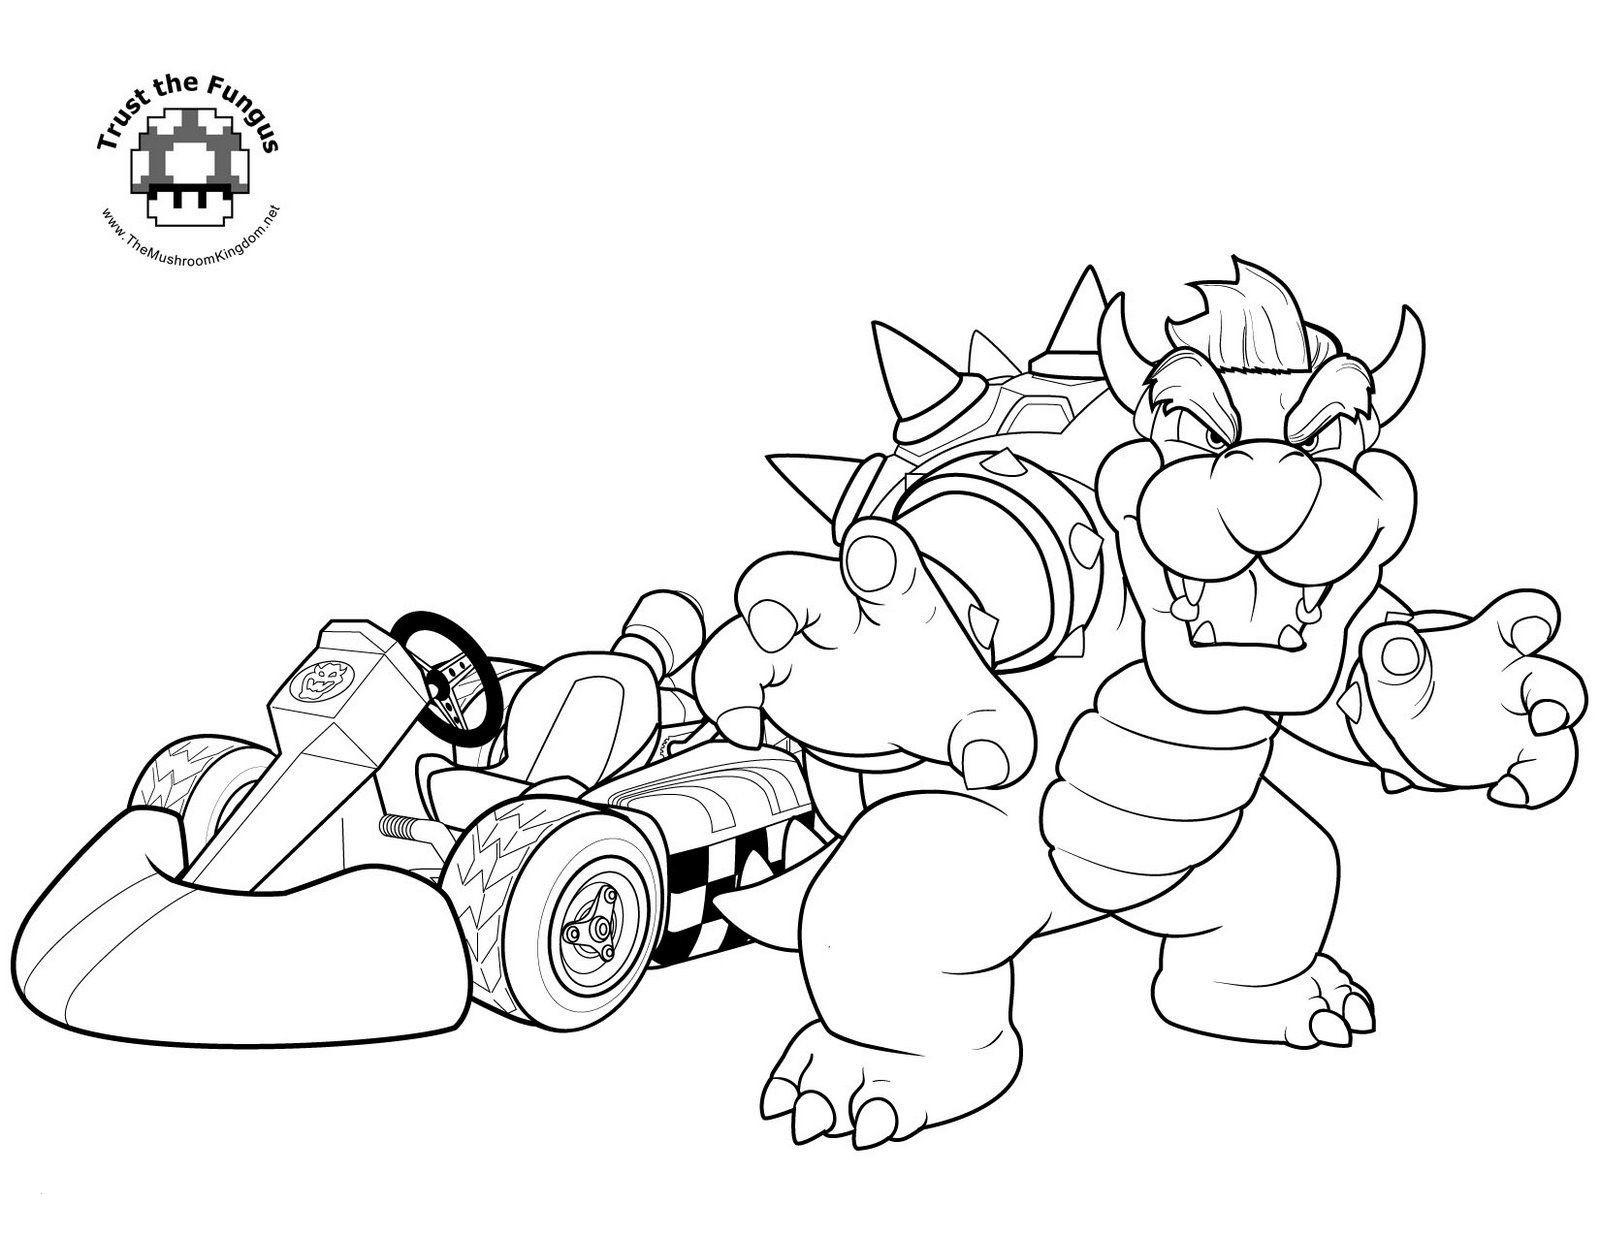 Mario Kart Ausmalbilder Das Beste Von Ausmalbilder Mario Kart 8 Elegant Ausgezeichnet Mario Kart Neu Galerie